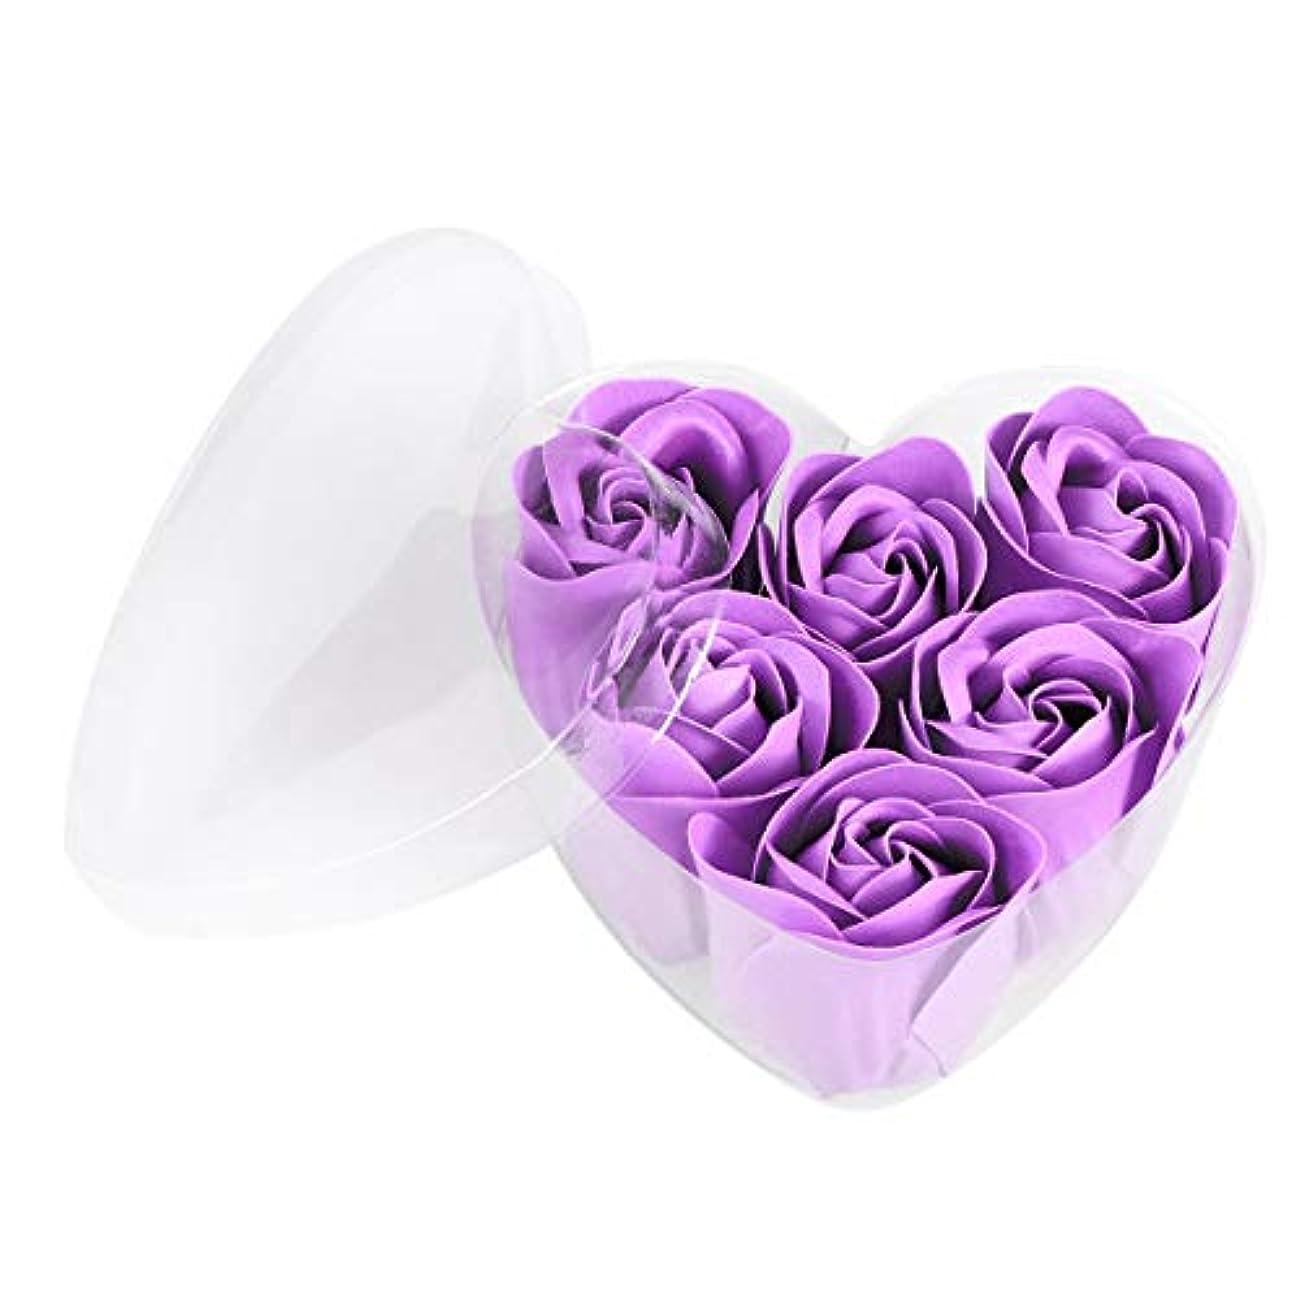 外観ヘルパーハムFRCOLOR 6ピースシミュレーションローズソープハート型フラワーソープギフトボックス用誕生日Valentin's Day(紫)